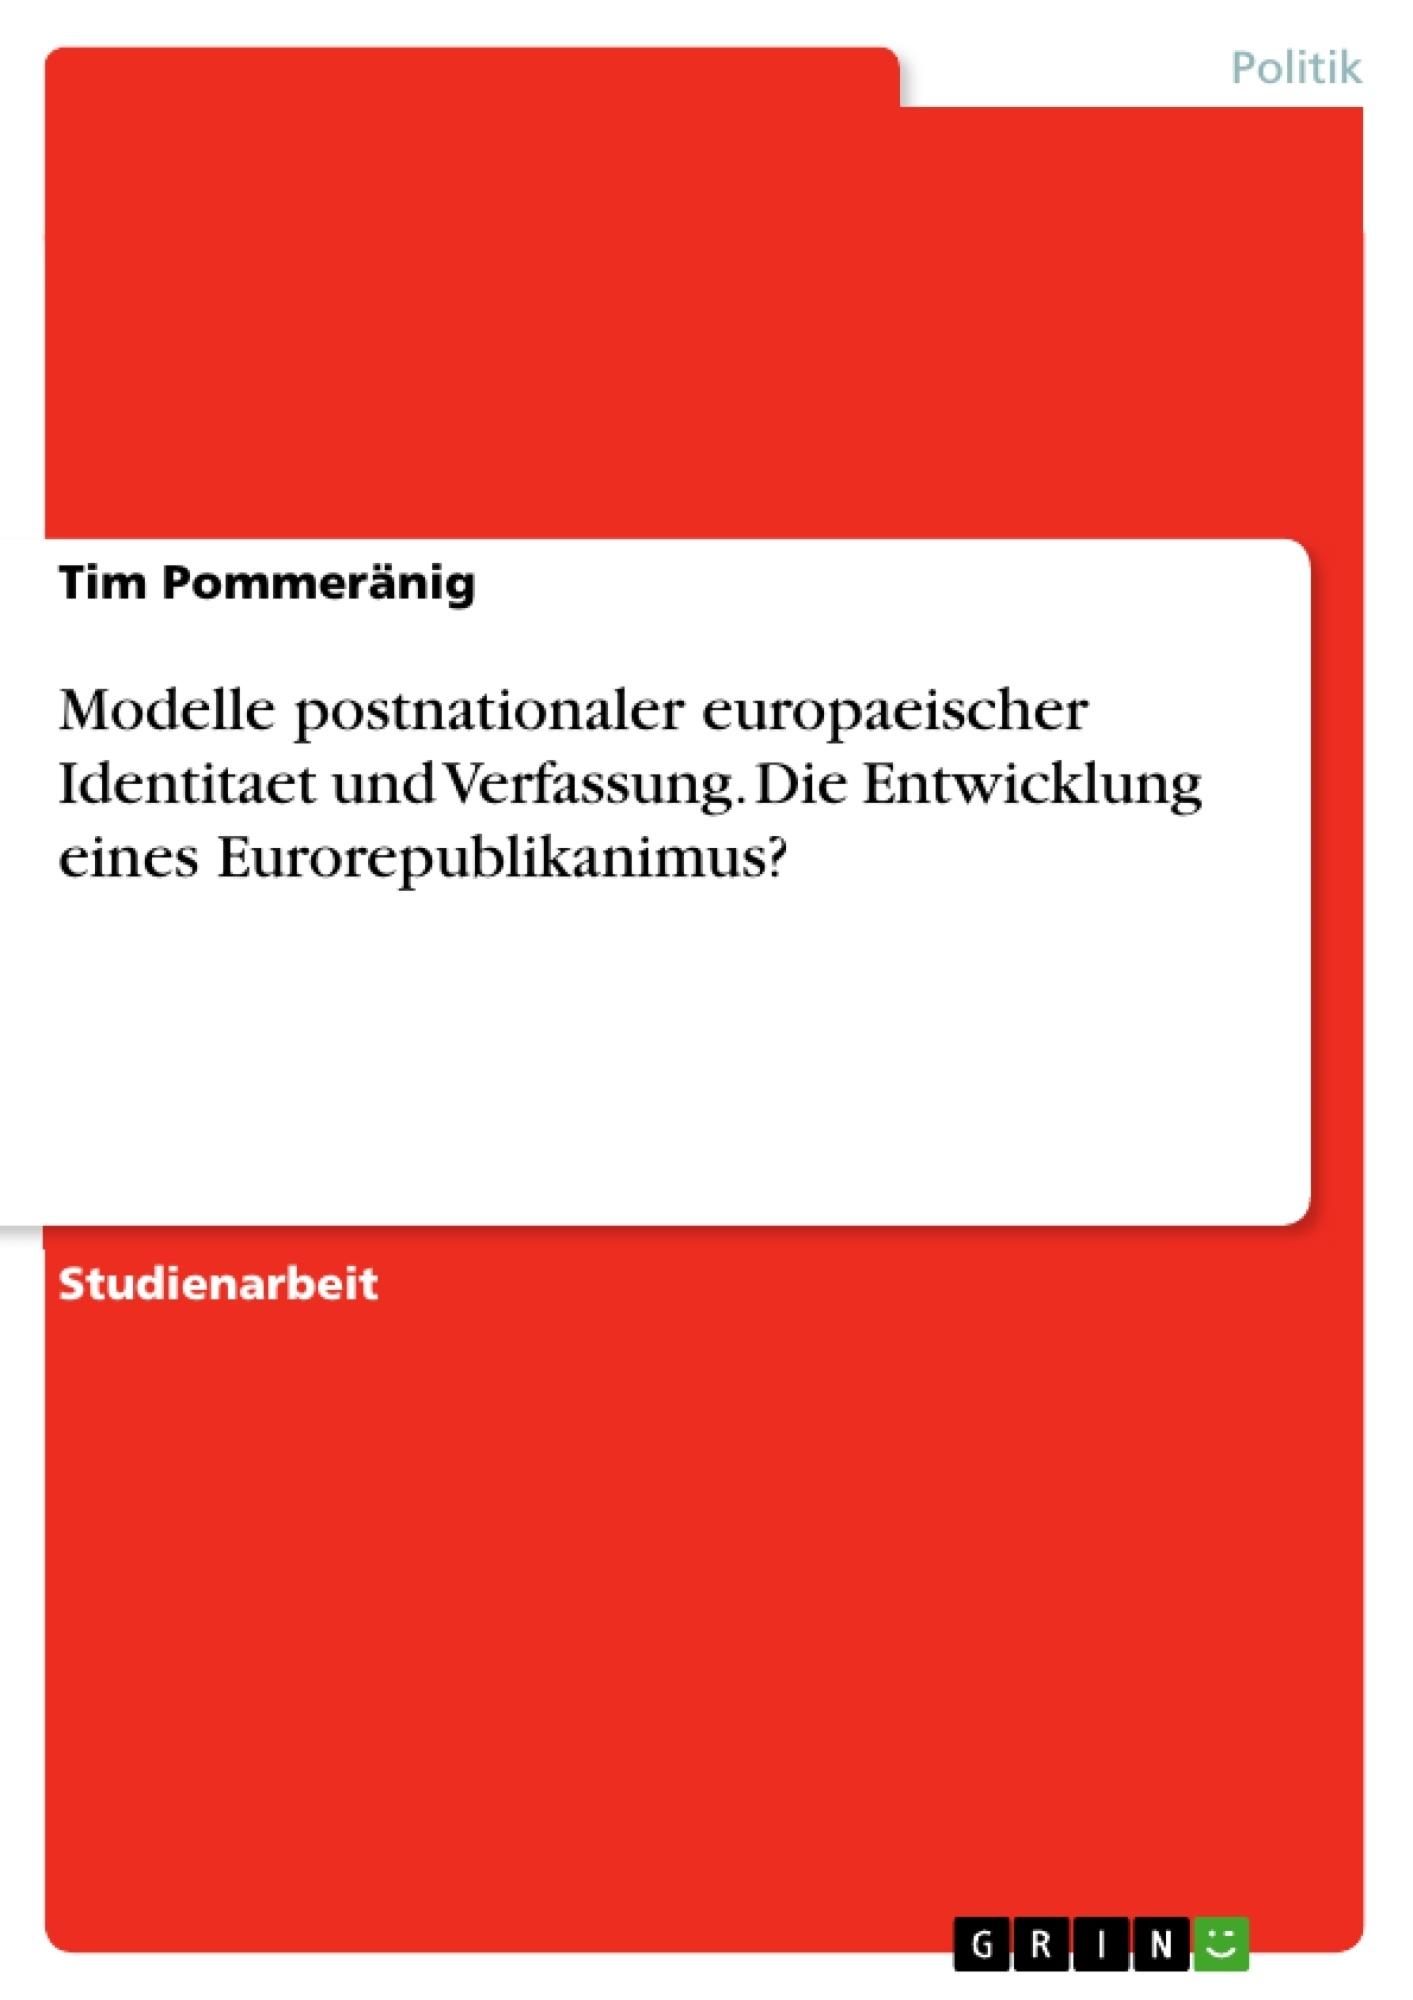 Titel: Modelle postnationaler europaeischer Identitaet und Verfassung. Die Entwicklung eines Eurorepublikanimus?